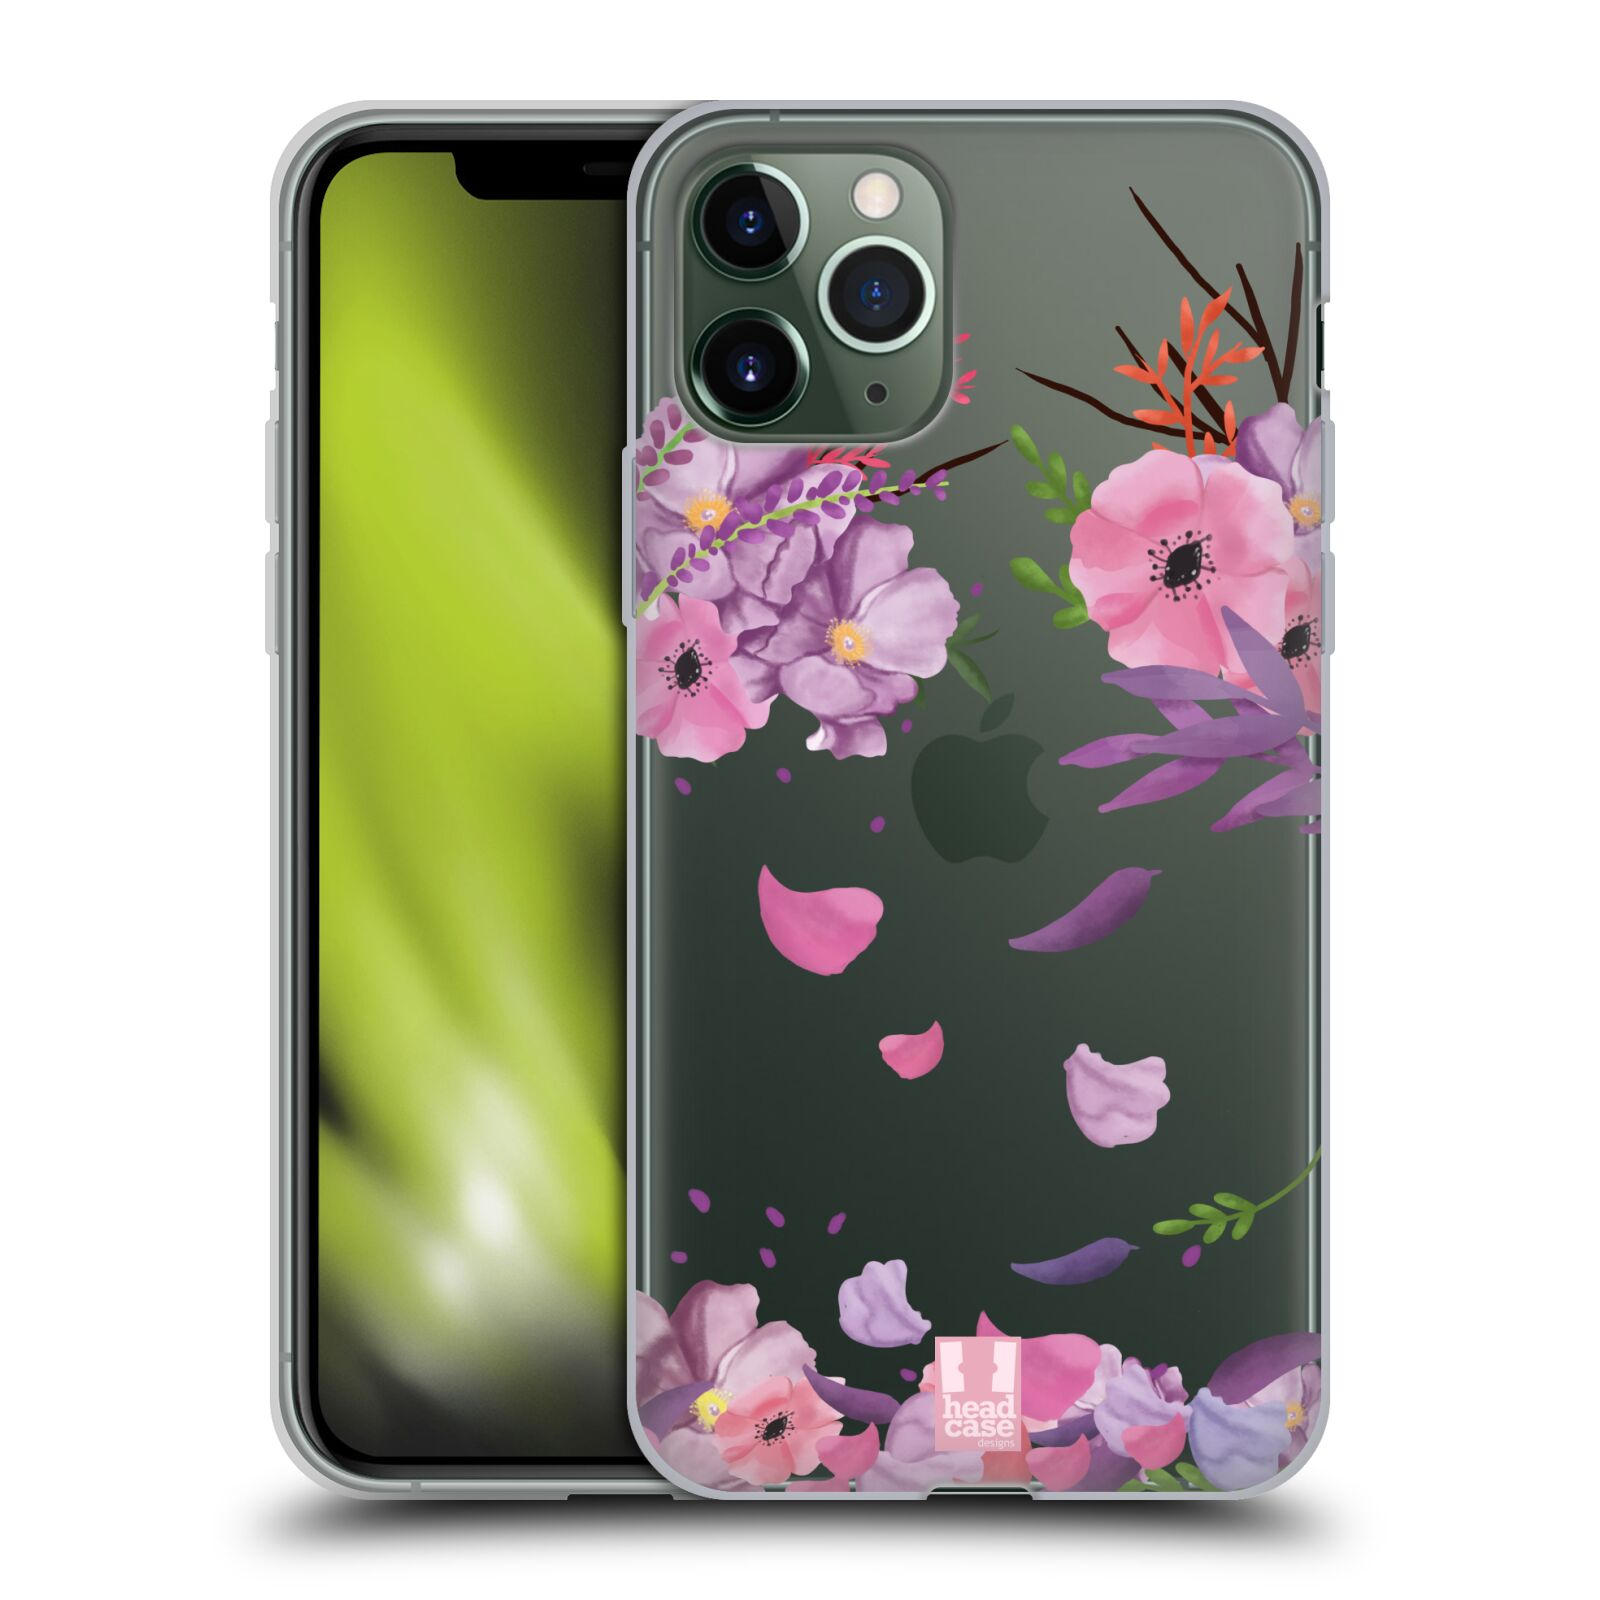 sklo obaly iphone 6s plus , Silikonové pouzdro na mobil Apple iPhone 11 Pro - Head Case - Okvětní lístky